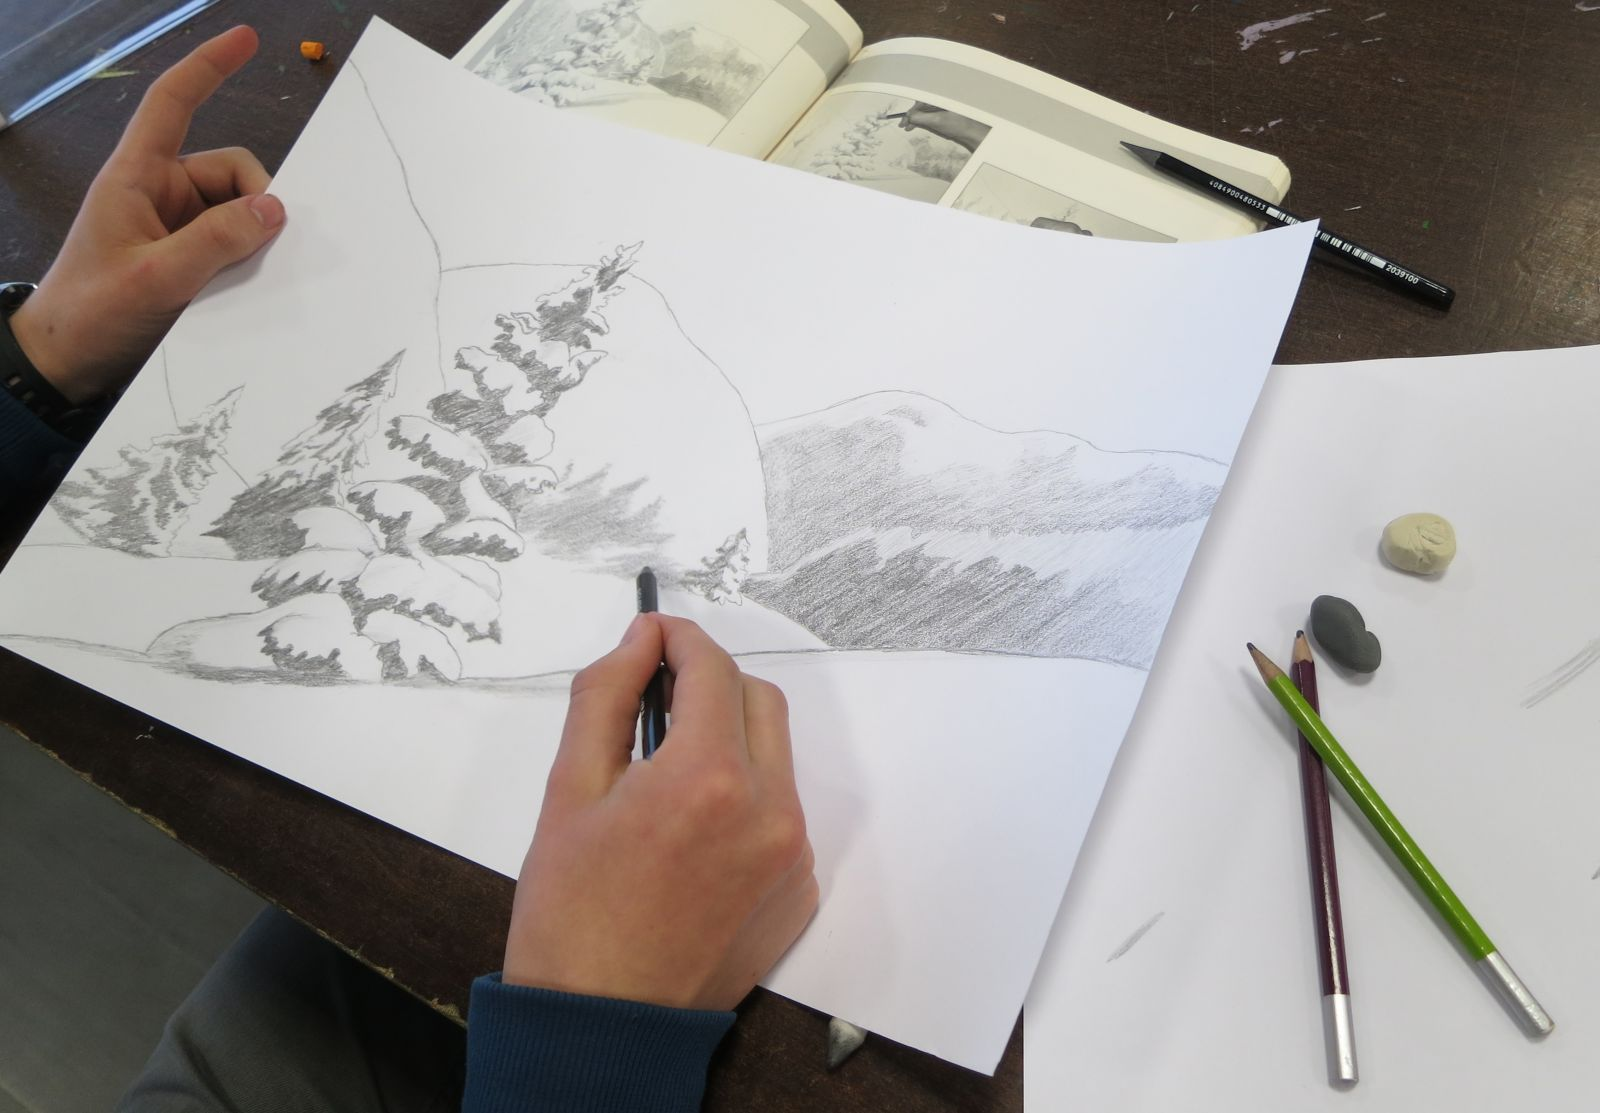 Ateliers d_Arts Plastiques Guillaume Le Quément _6_.JPG